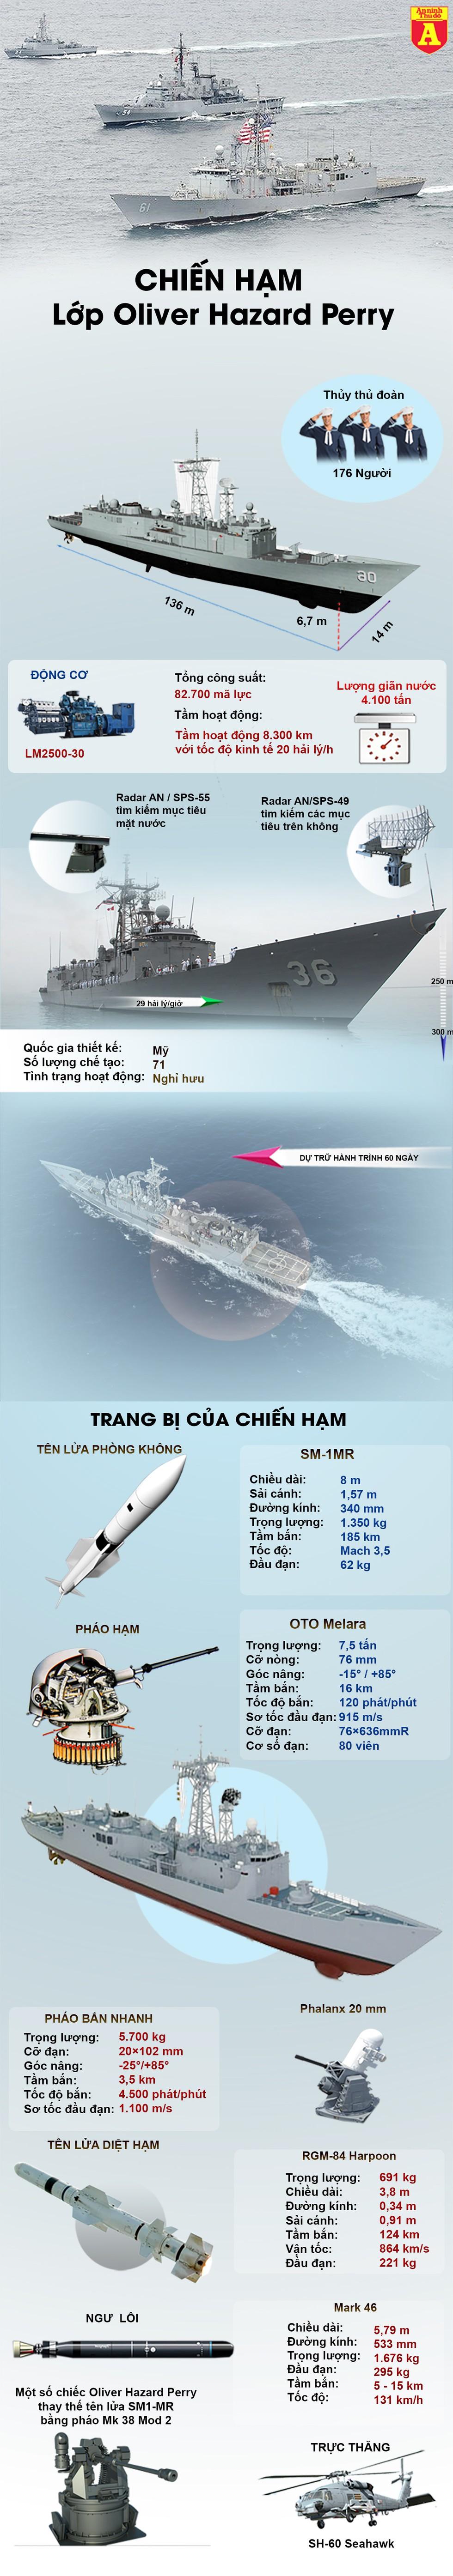 """[Infographics] Mỹ bán chiến hạm loại biên giá 150 triệu USD, đắt liệu có """"xắt ra miếng""""? - Ảnh 1"""